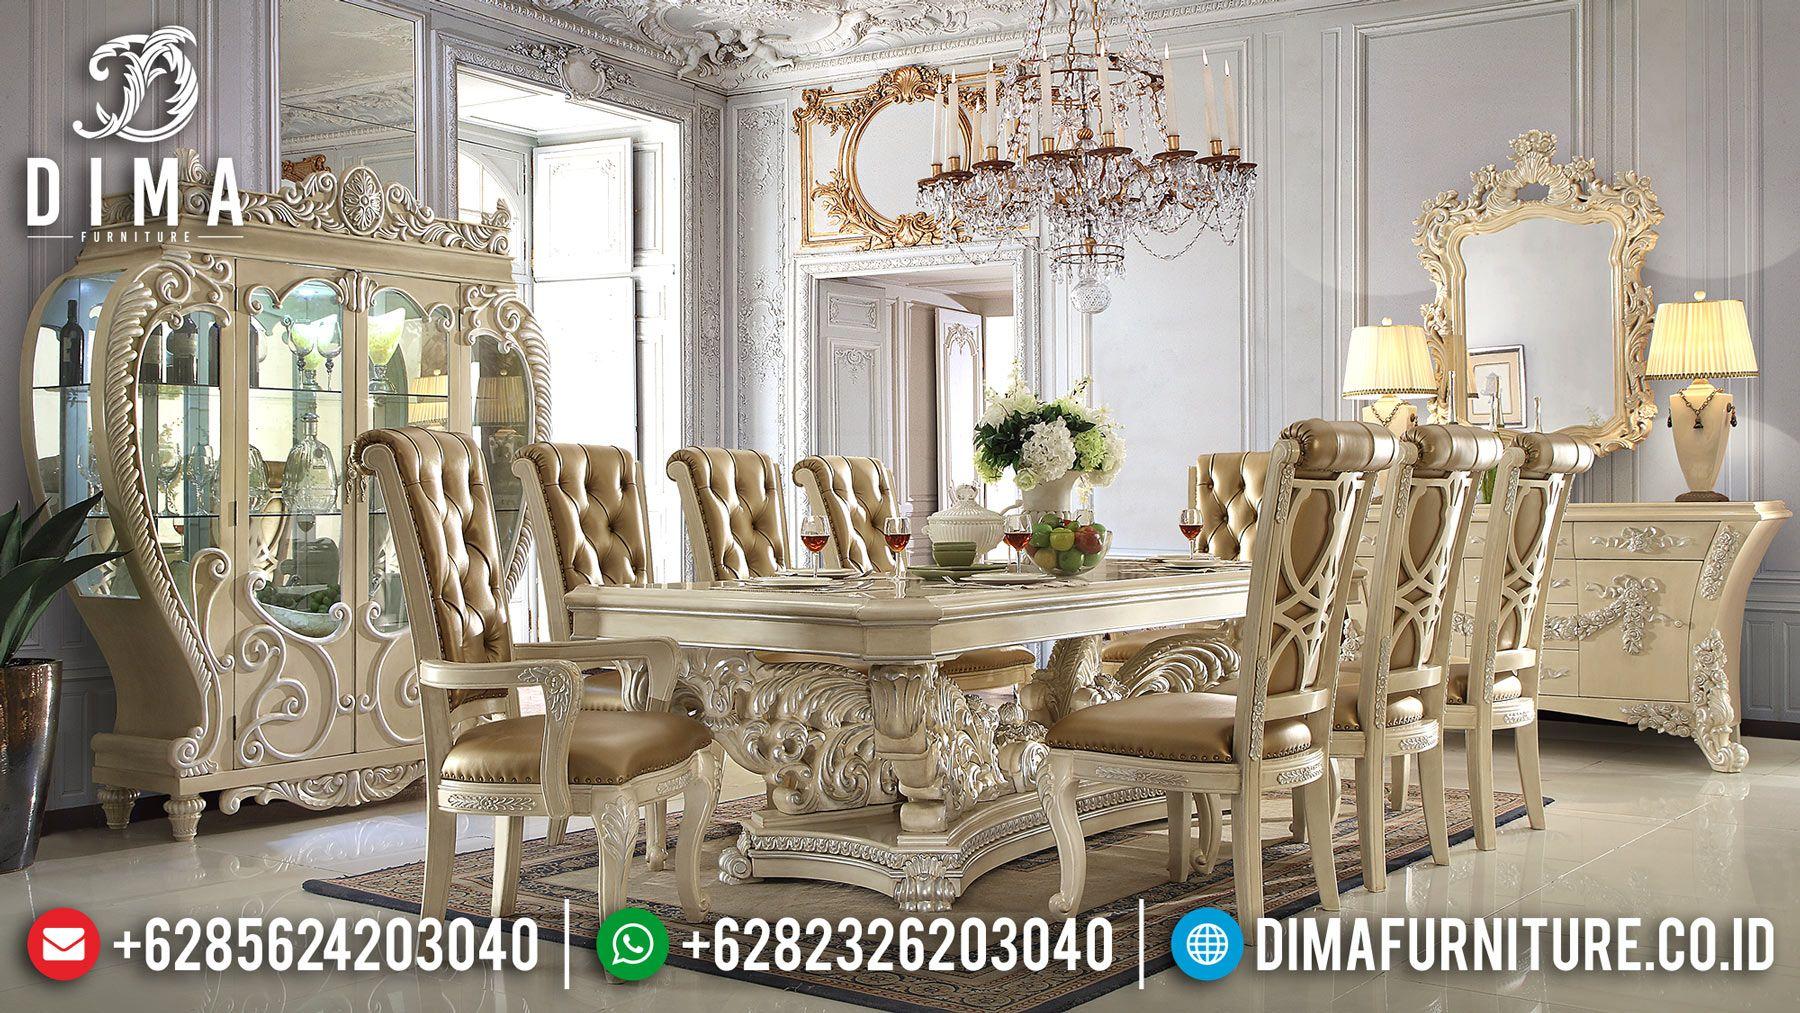 Meja Makan Mewah Klasik Mebel Jepara Terbaru Finishing Duco Ivory Silver Mm 0249 Meja Makan Mebel Interior